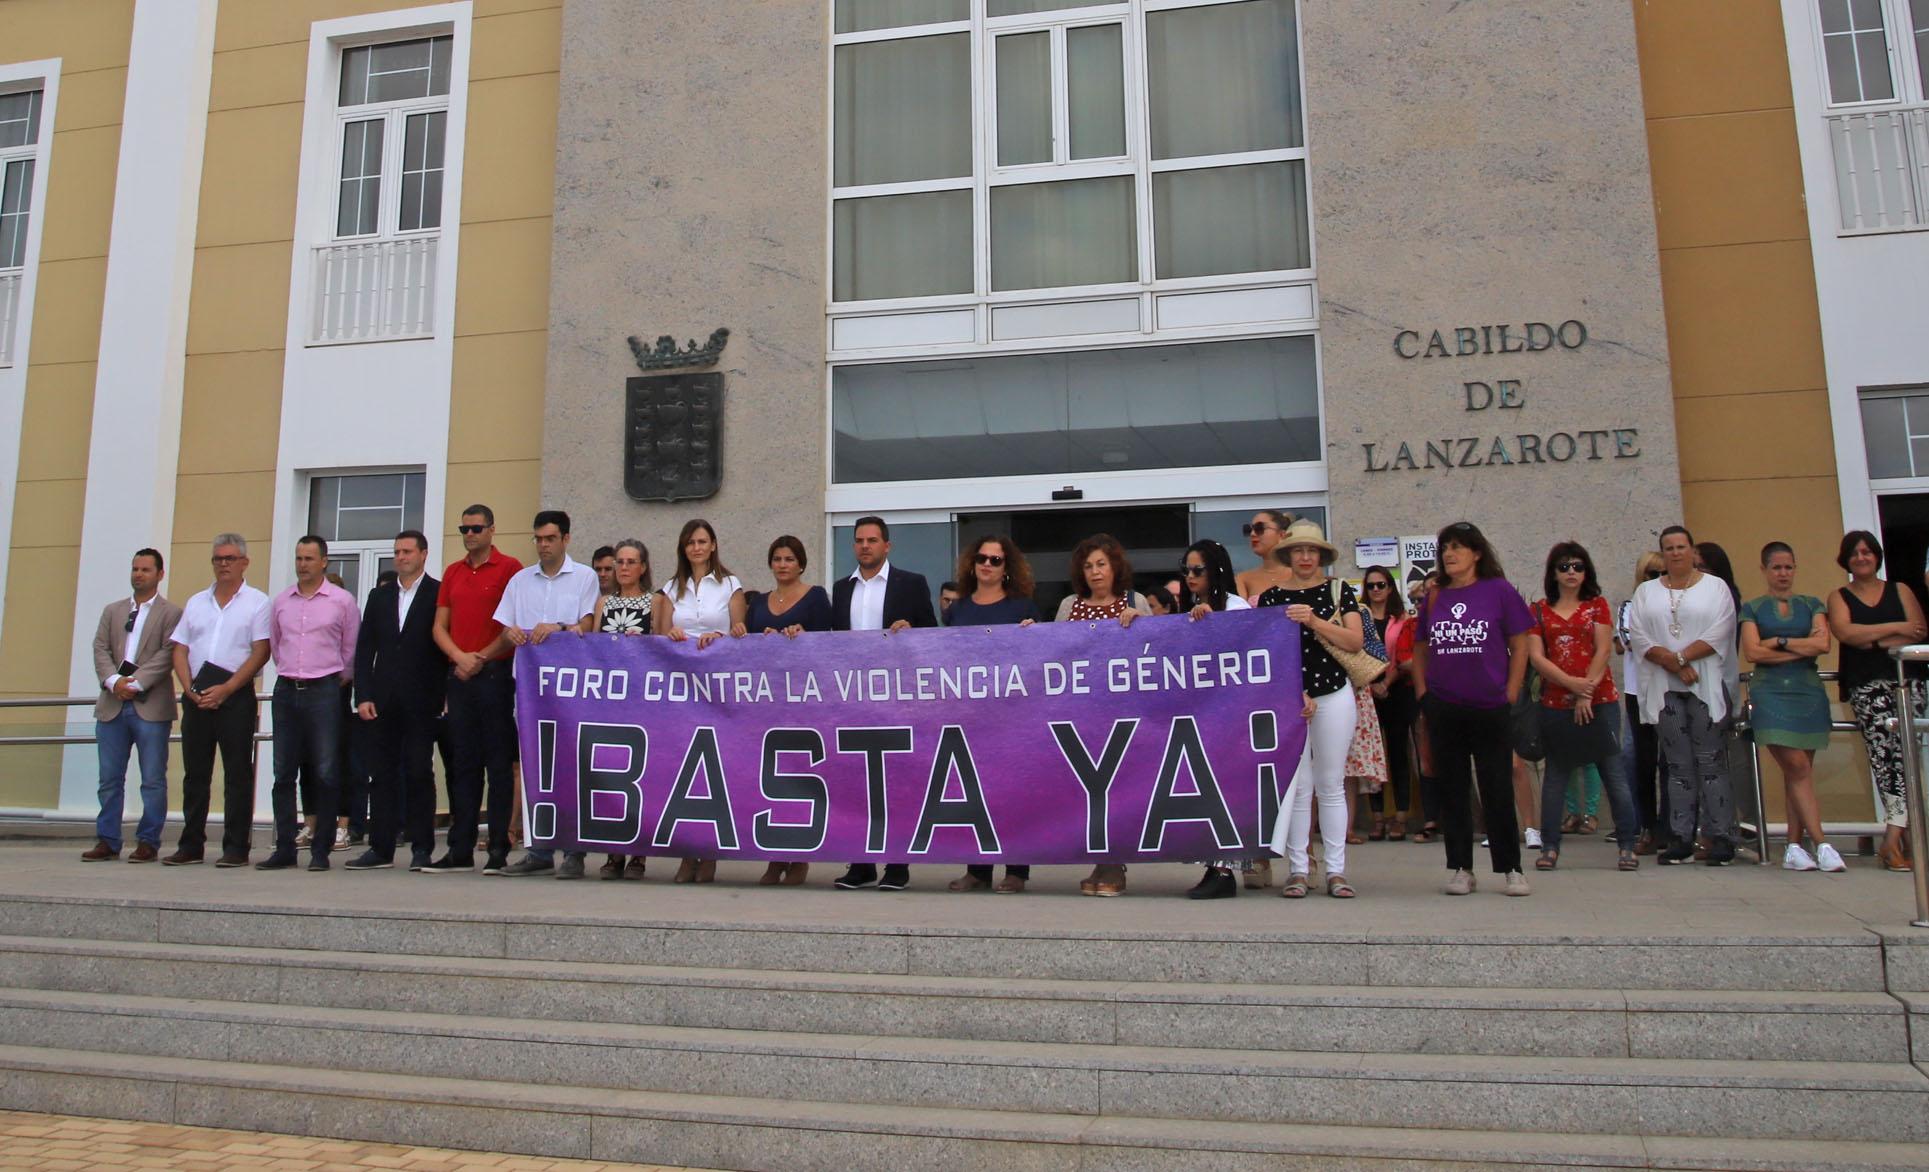 Minuto de silencio por Romina Celeste Núñez, víctima de violencia de género, en el Cabildo de Lanzarote